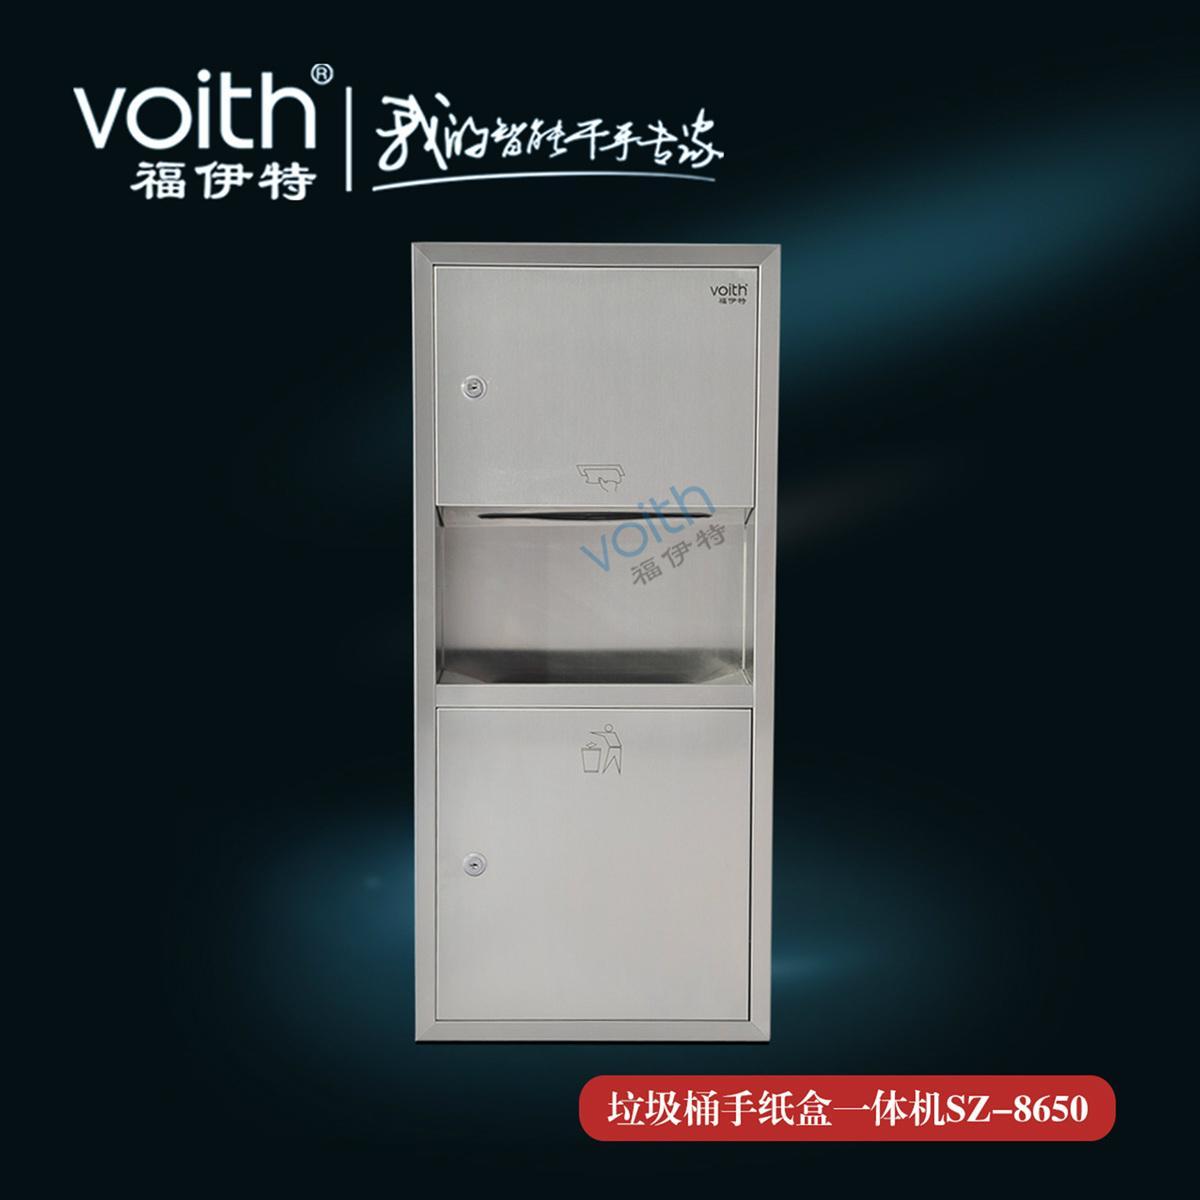 福伊特圆形钢化玻璃卷纸盒VT-8631福伊特品牌 4